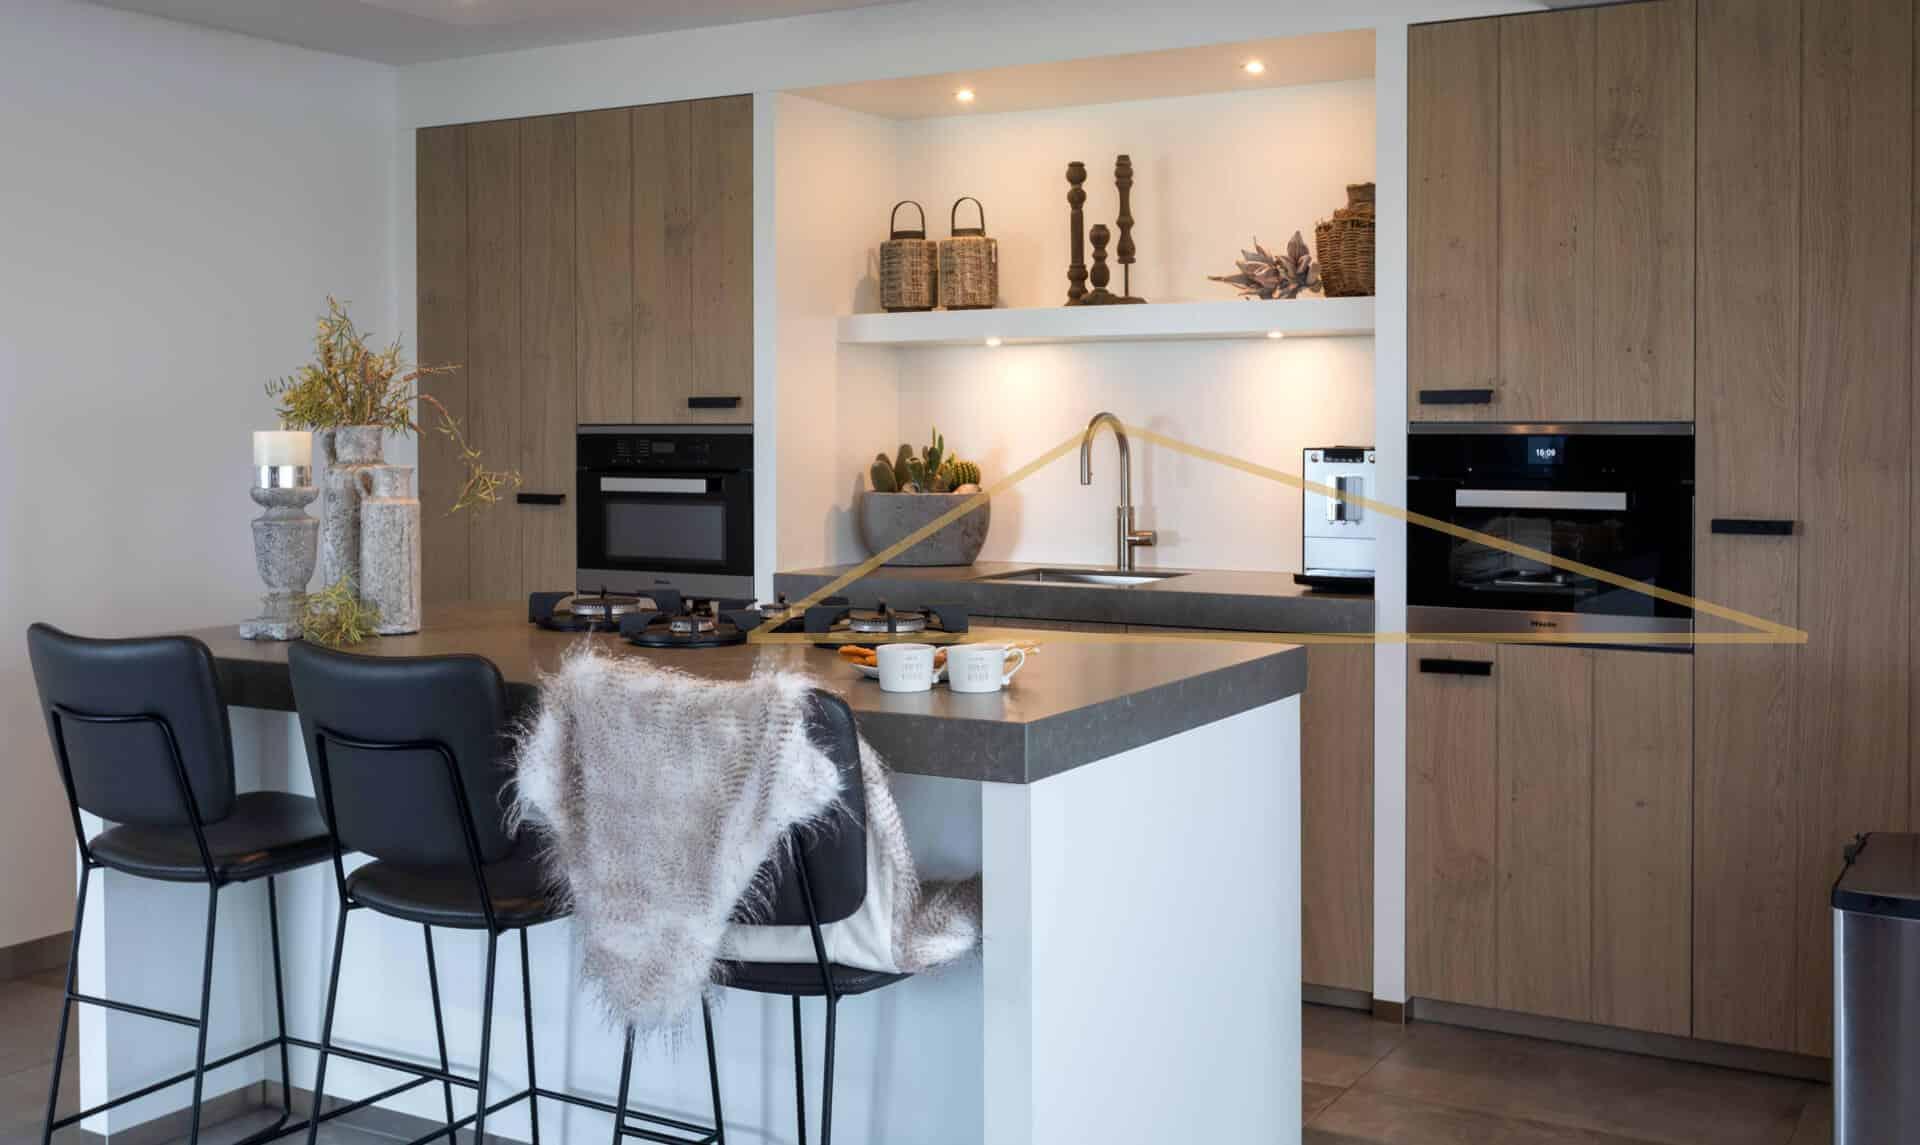 Keuken Driehoek De Ideale Opstelling